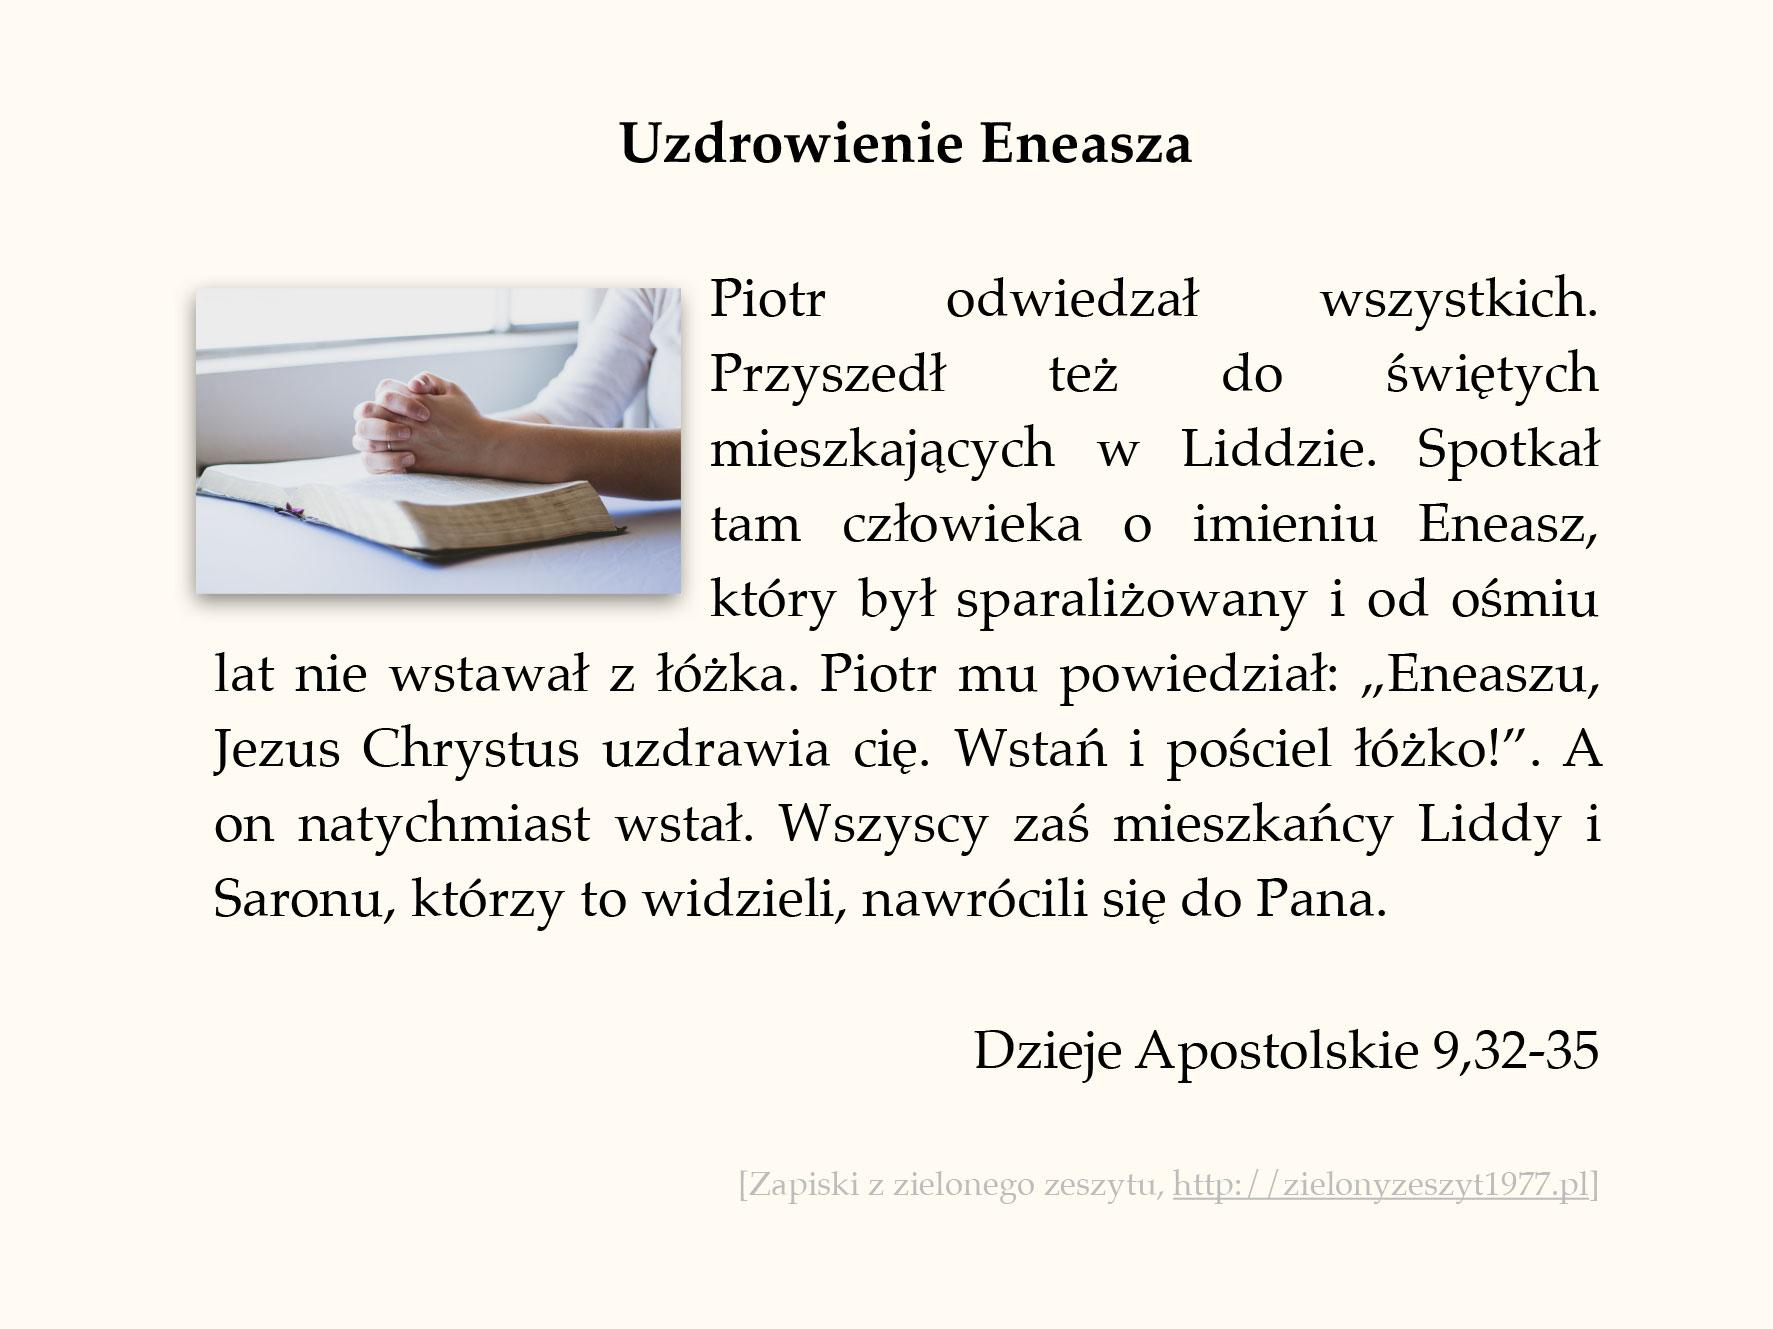 Uzdrowienie Eneasza; Dzieje Apostolskie (#43)